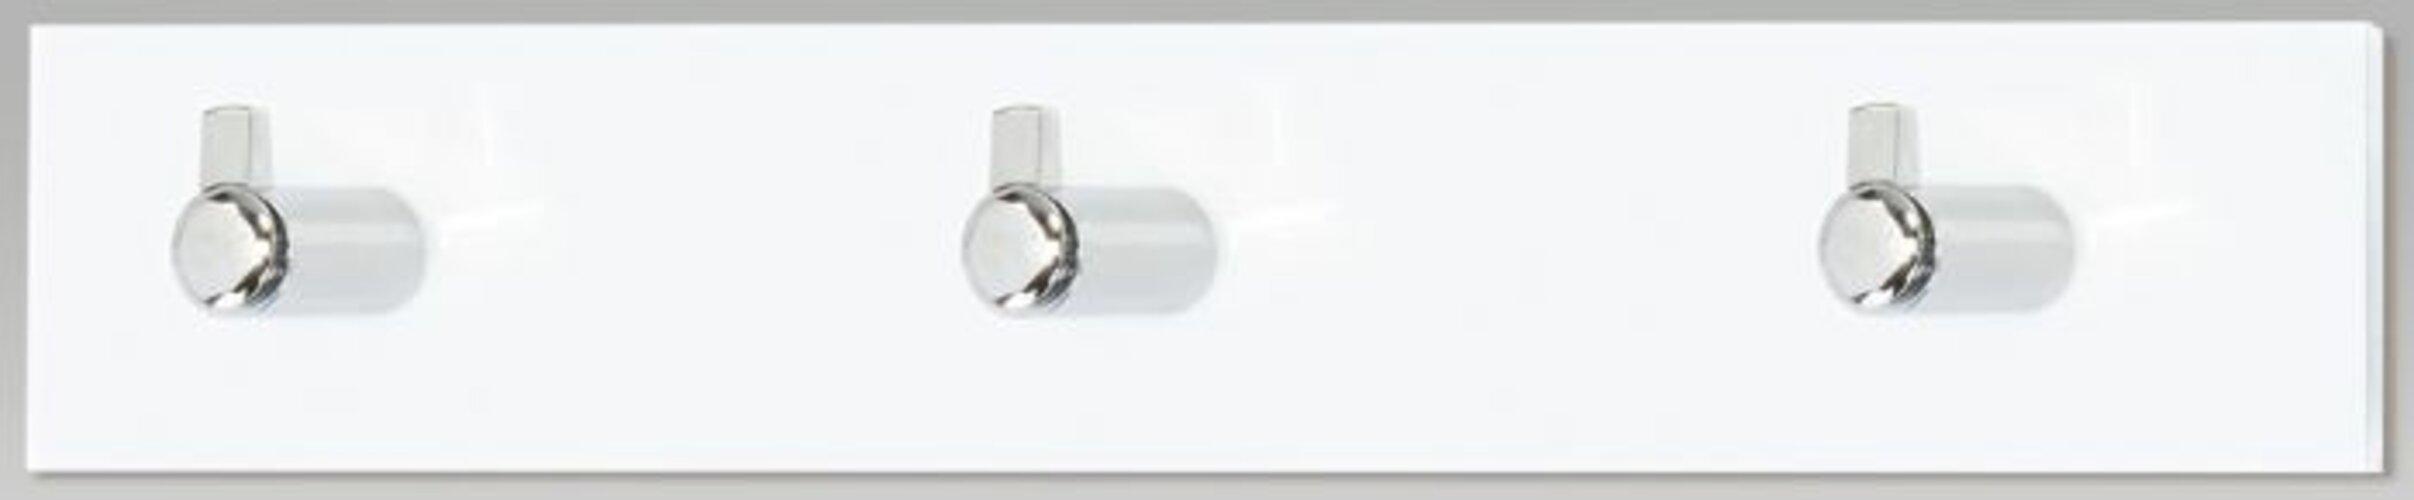 Nástenný vešiak 3 háčiky, biely akrylát, GC3503-3 WT